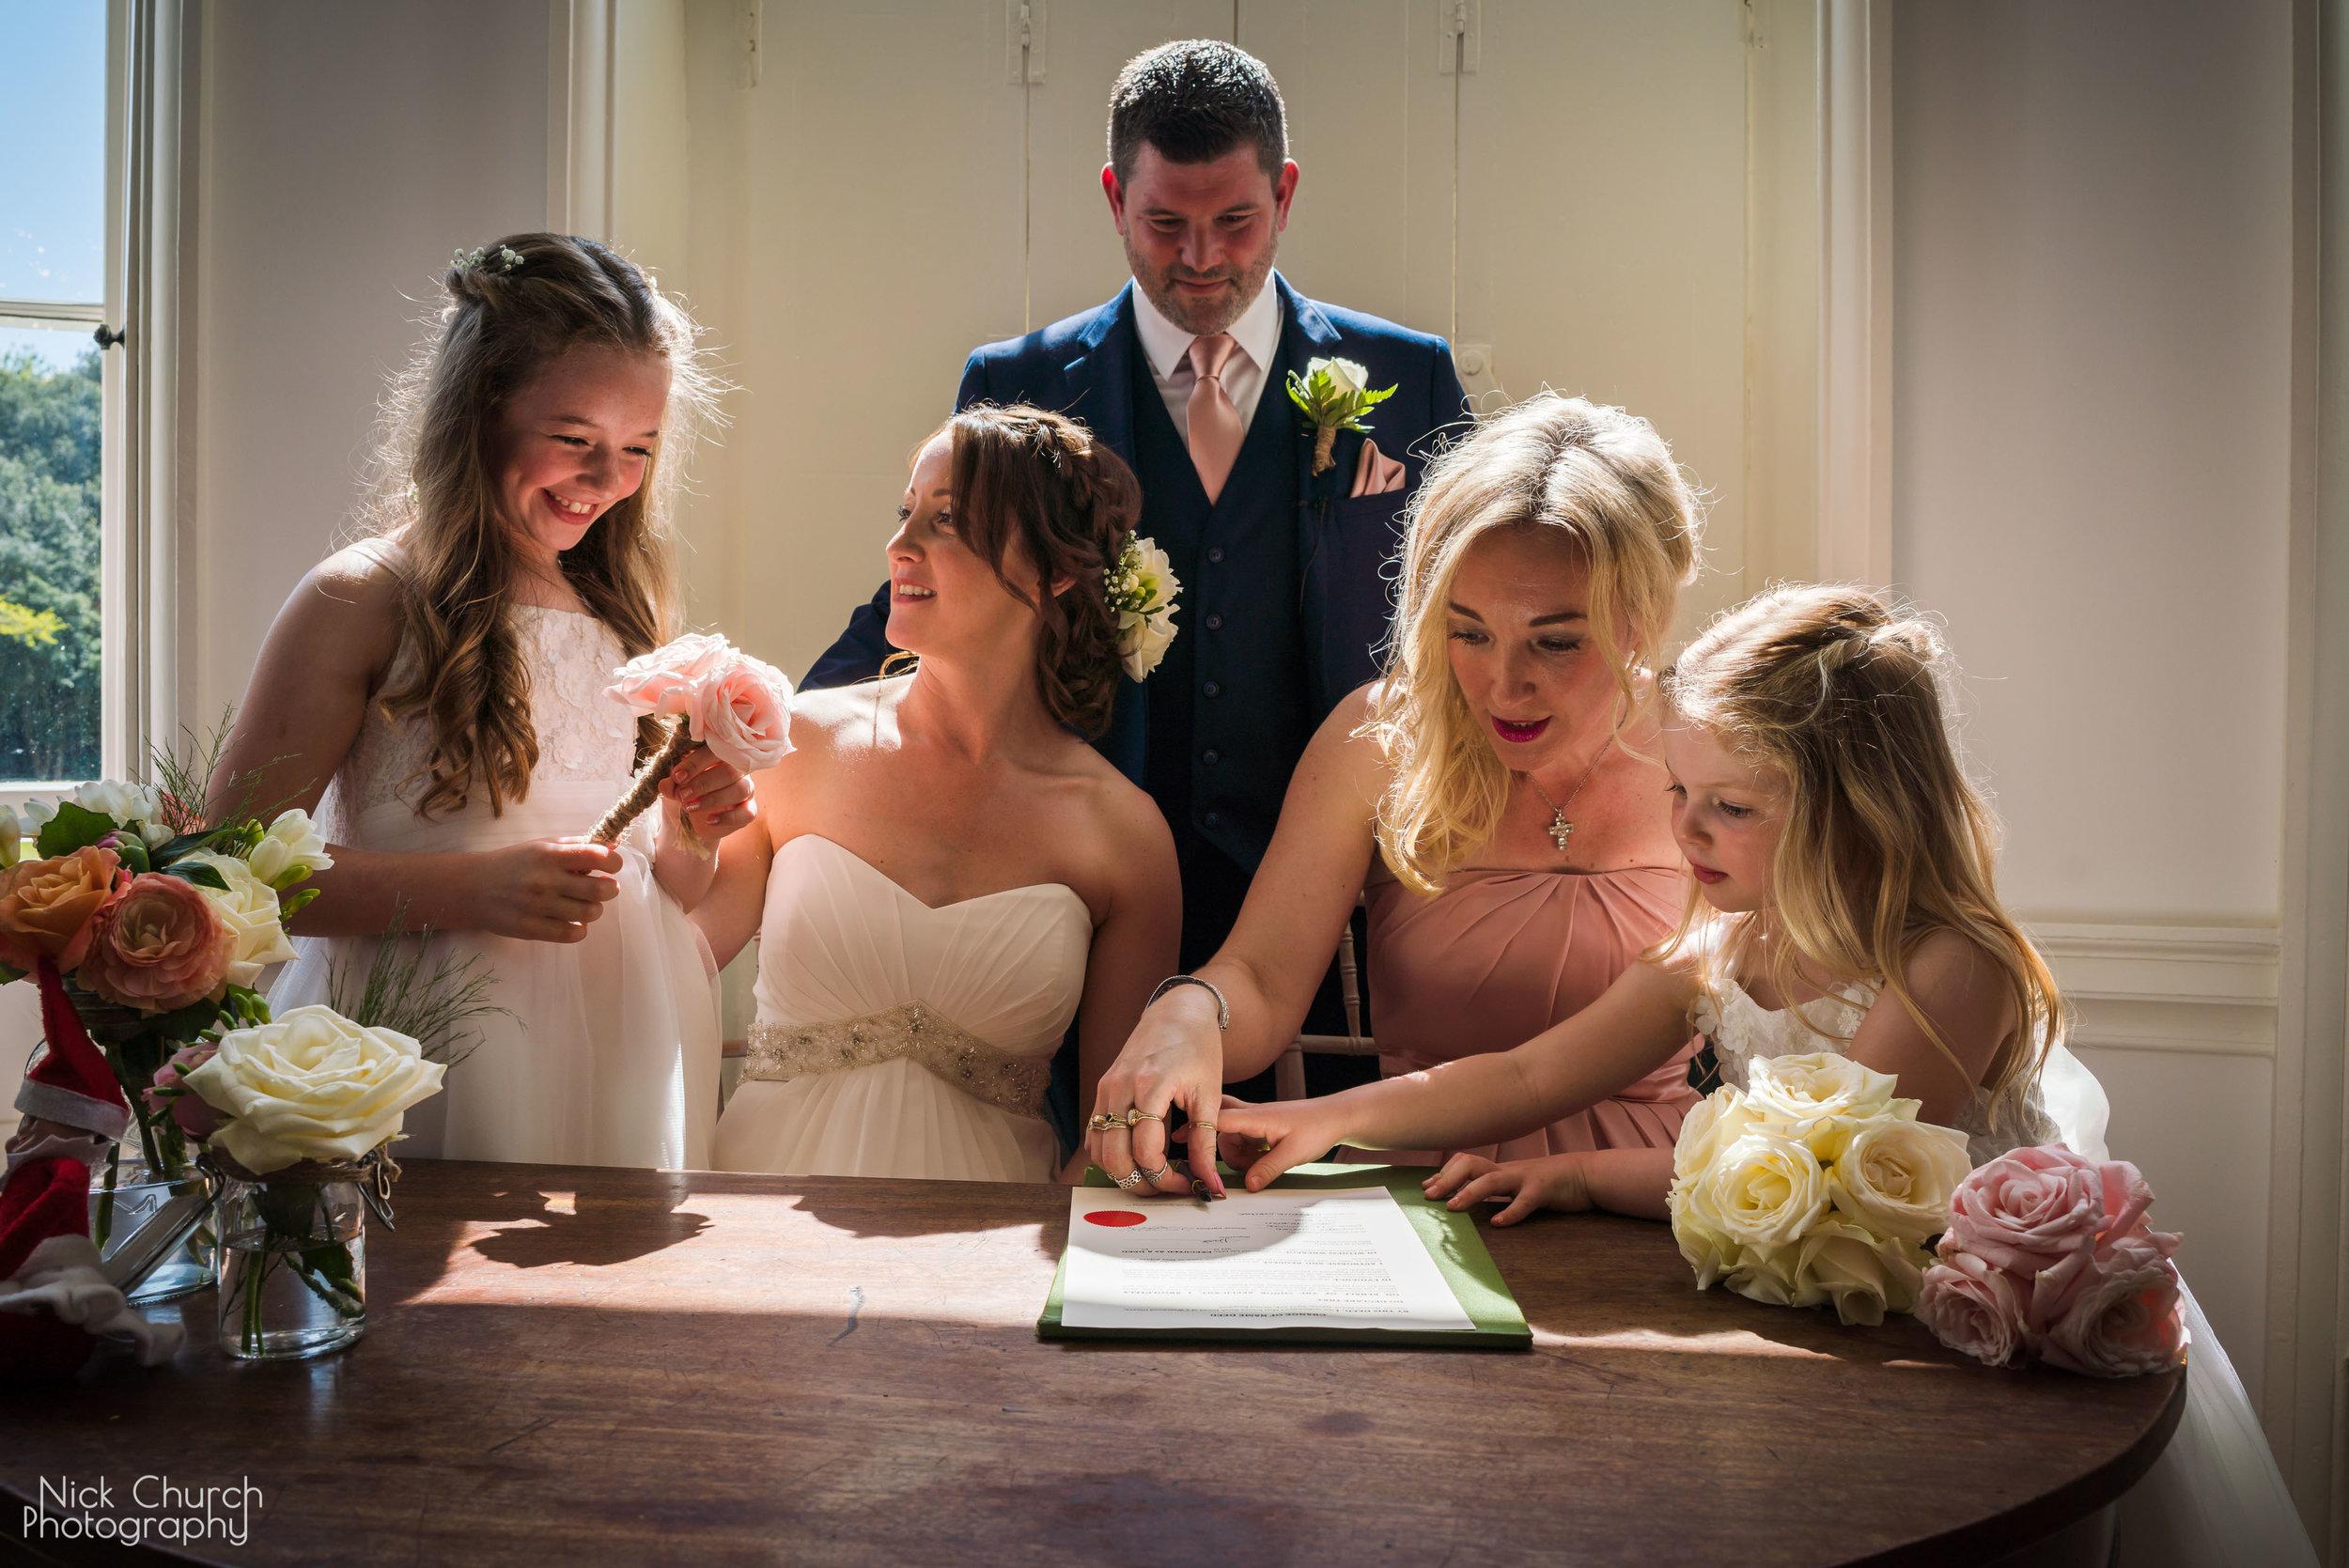 NC-2018-05-07-joanna-and-steve-wedding-3291.jpg